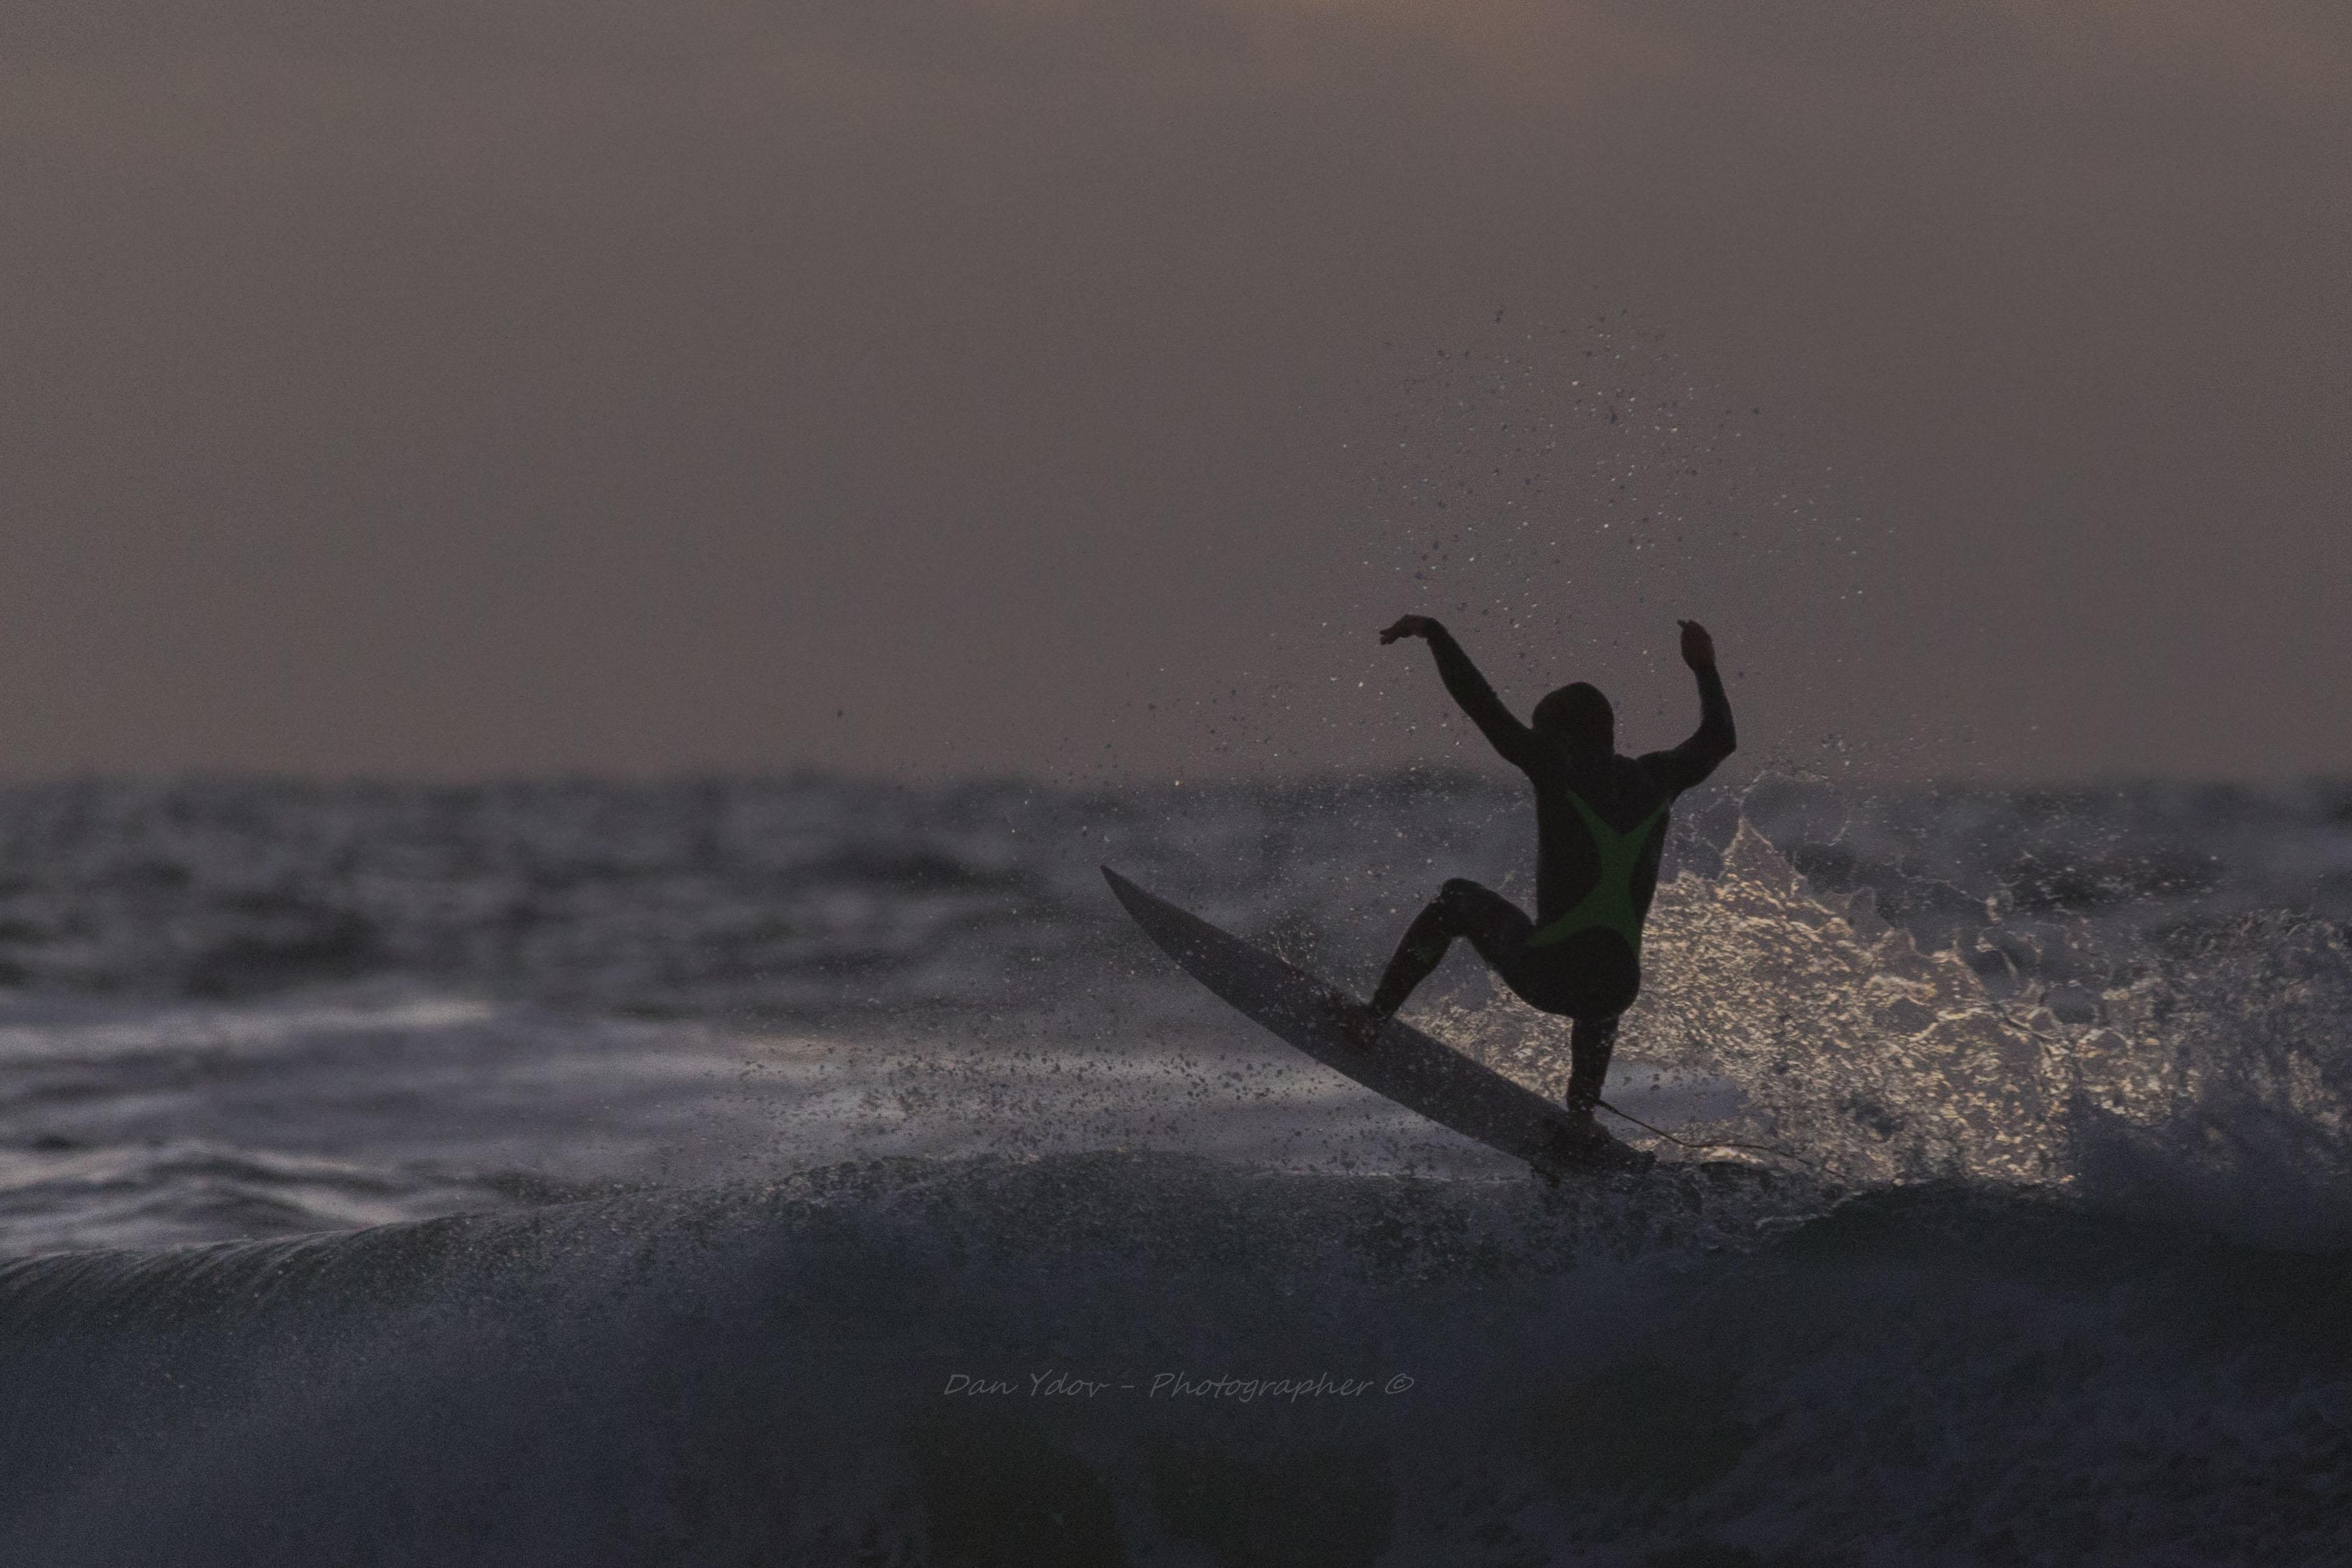 צילום ספורט, גלישה, דן יידוב